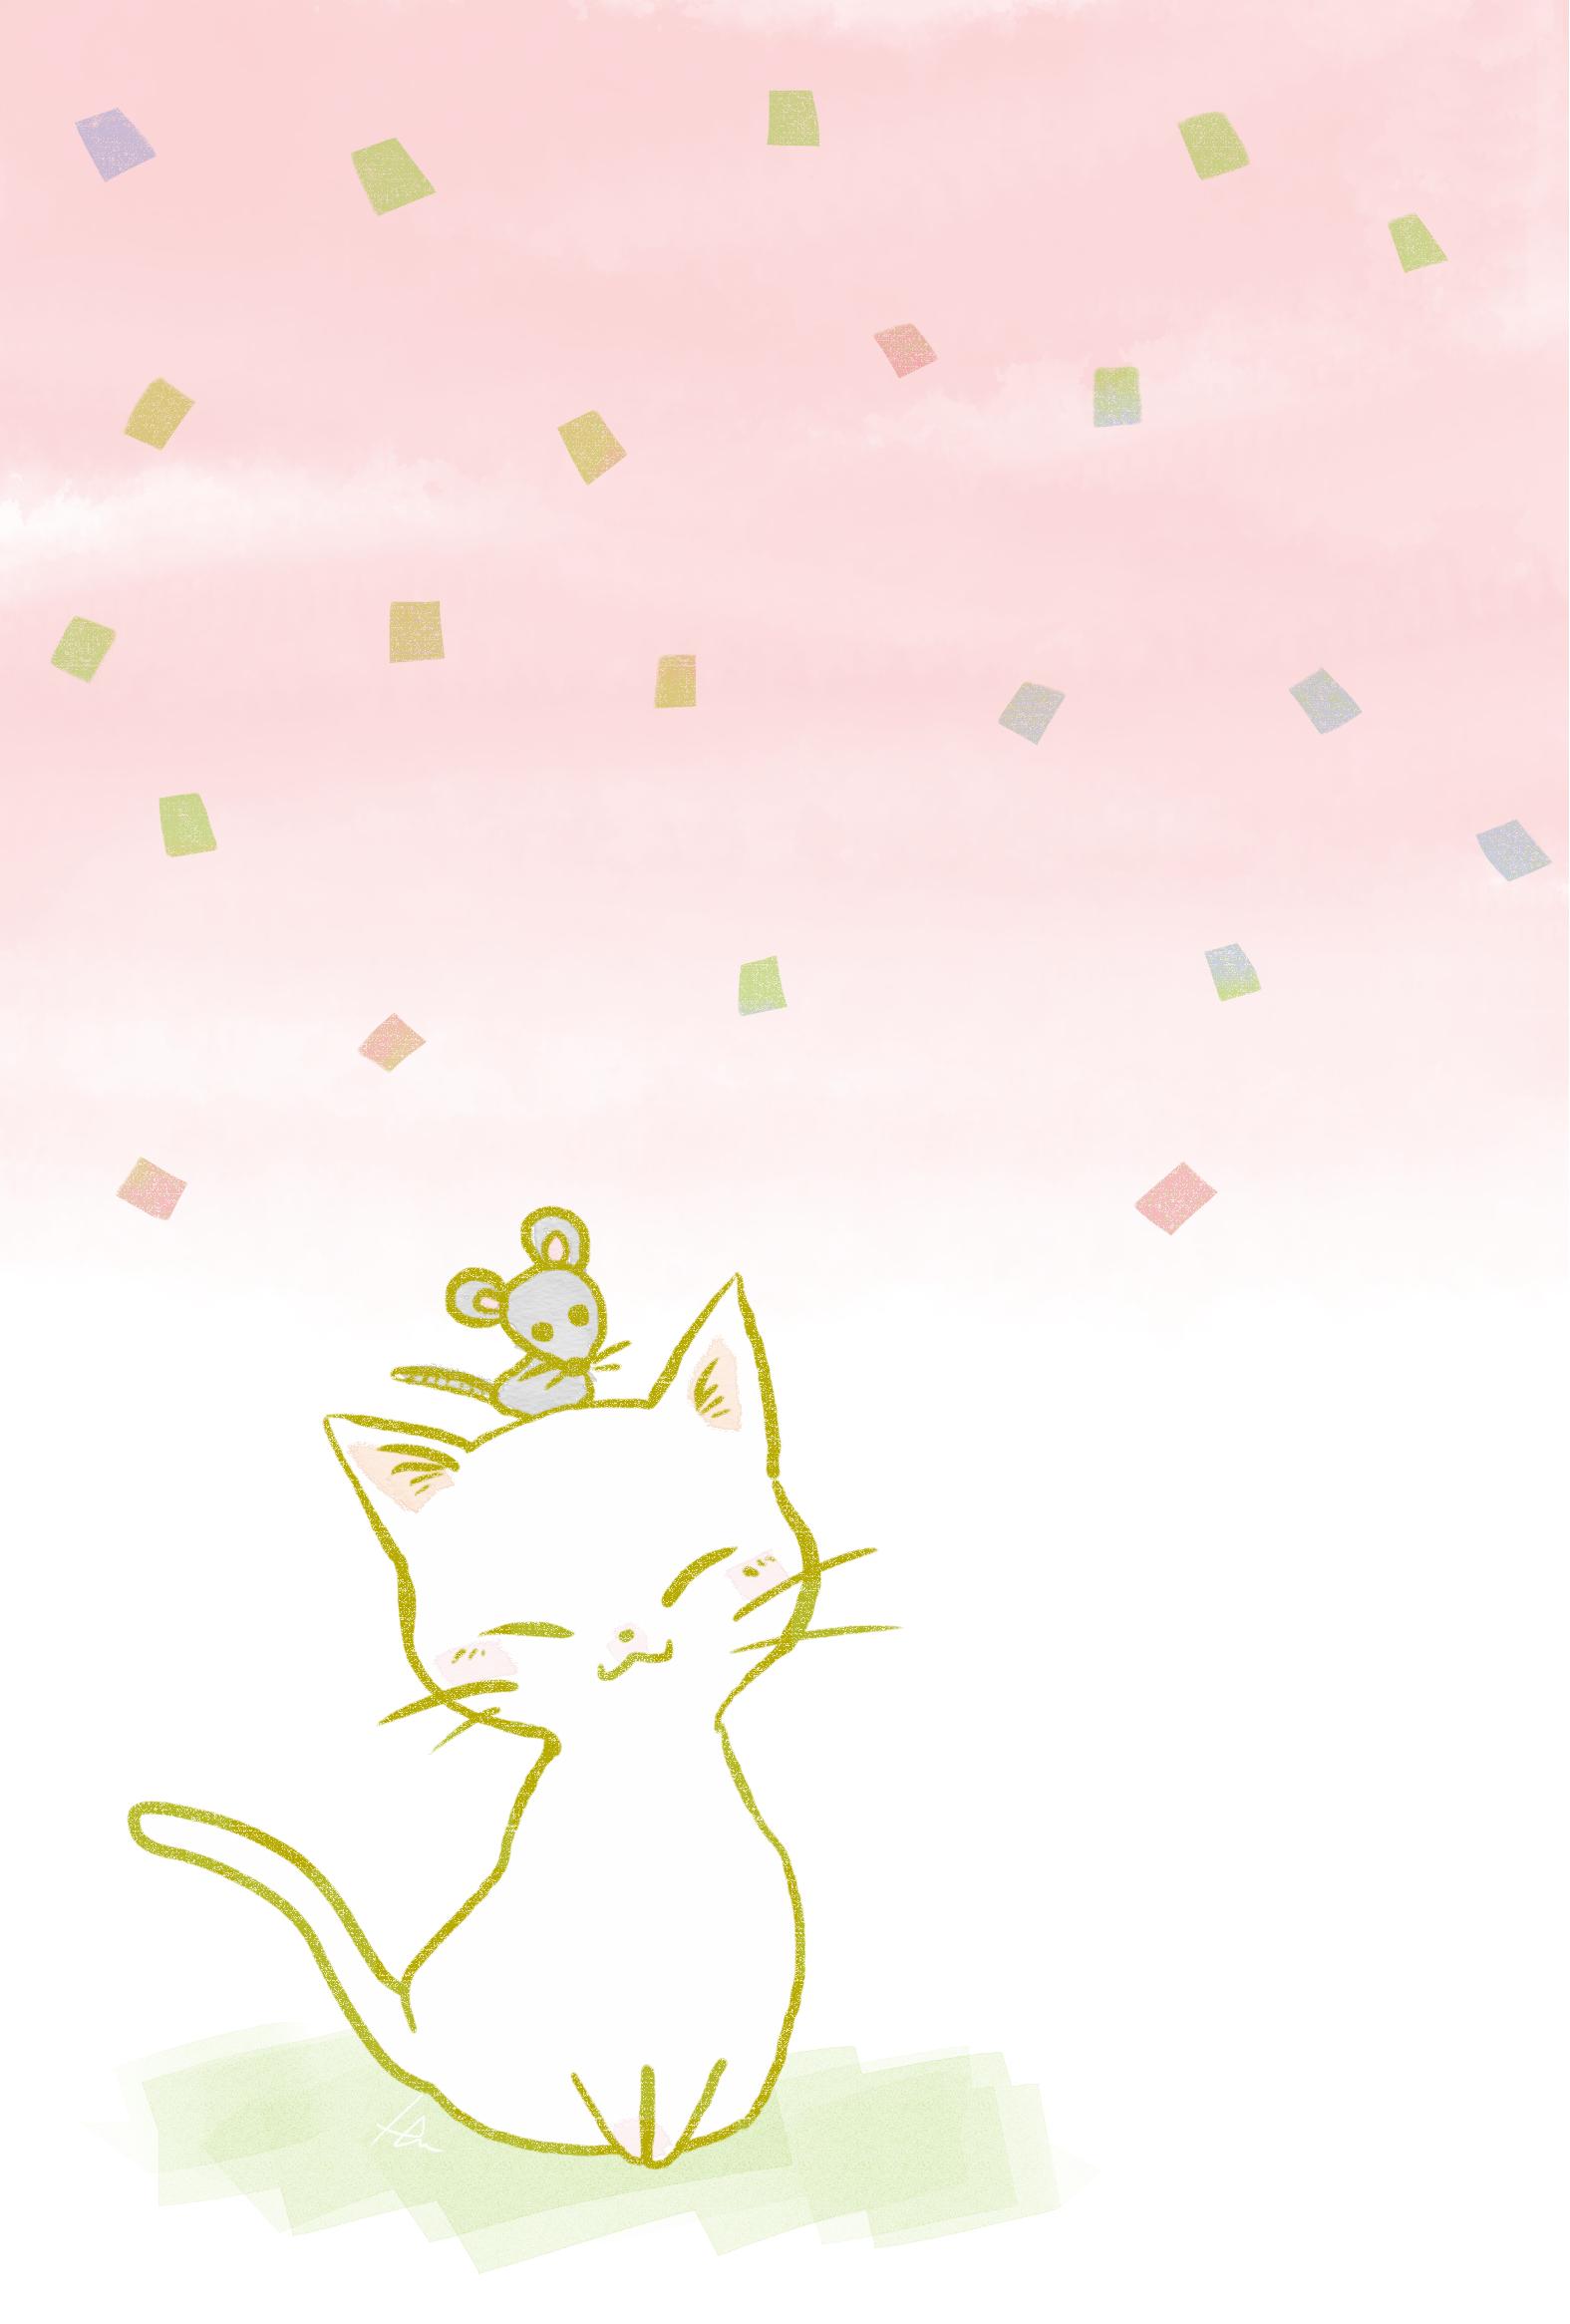 猫イラスト子年年賀状白猫とねずみ